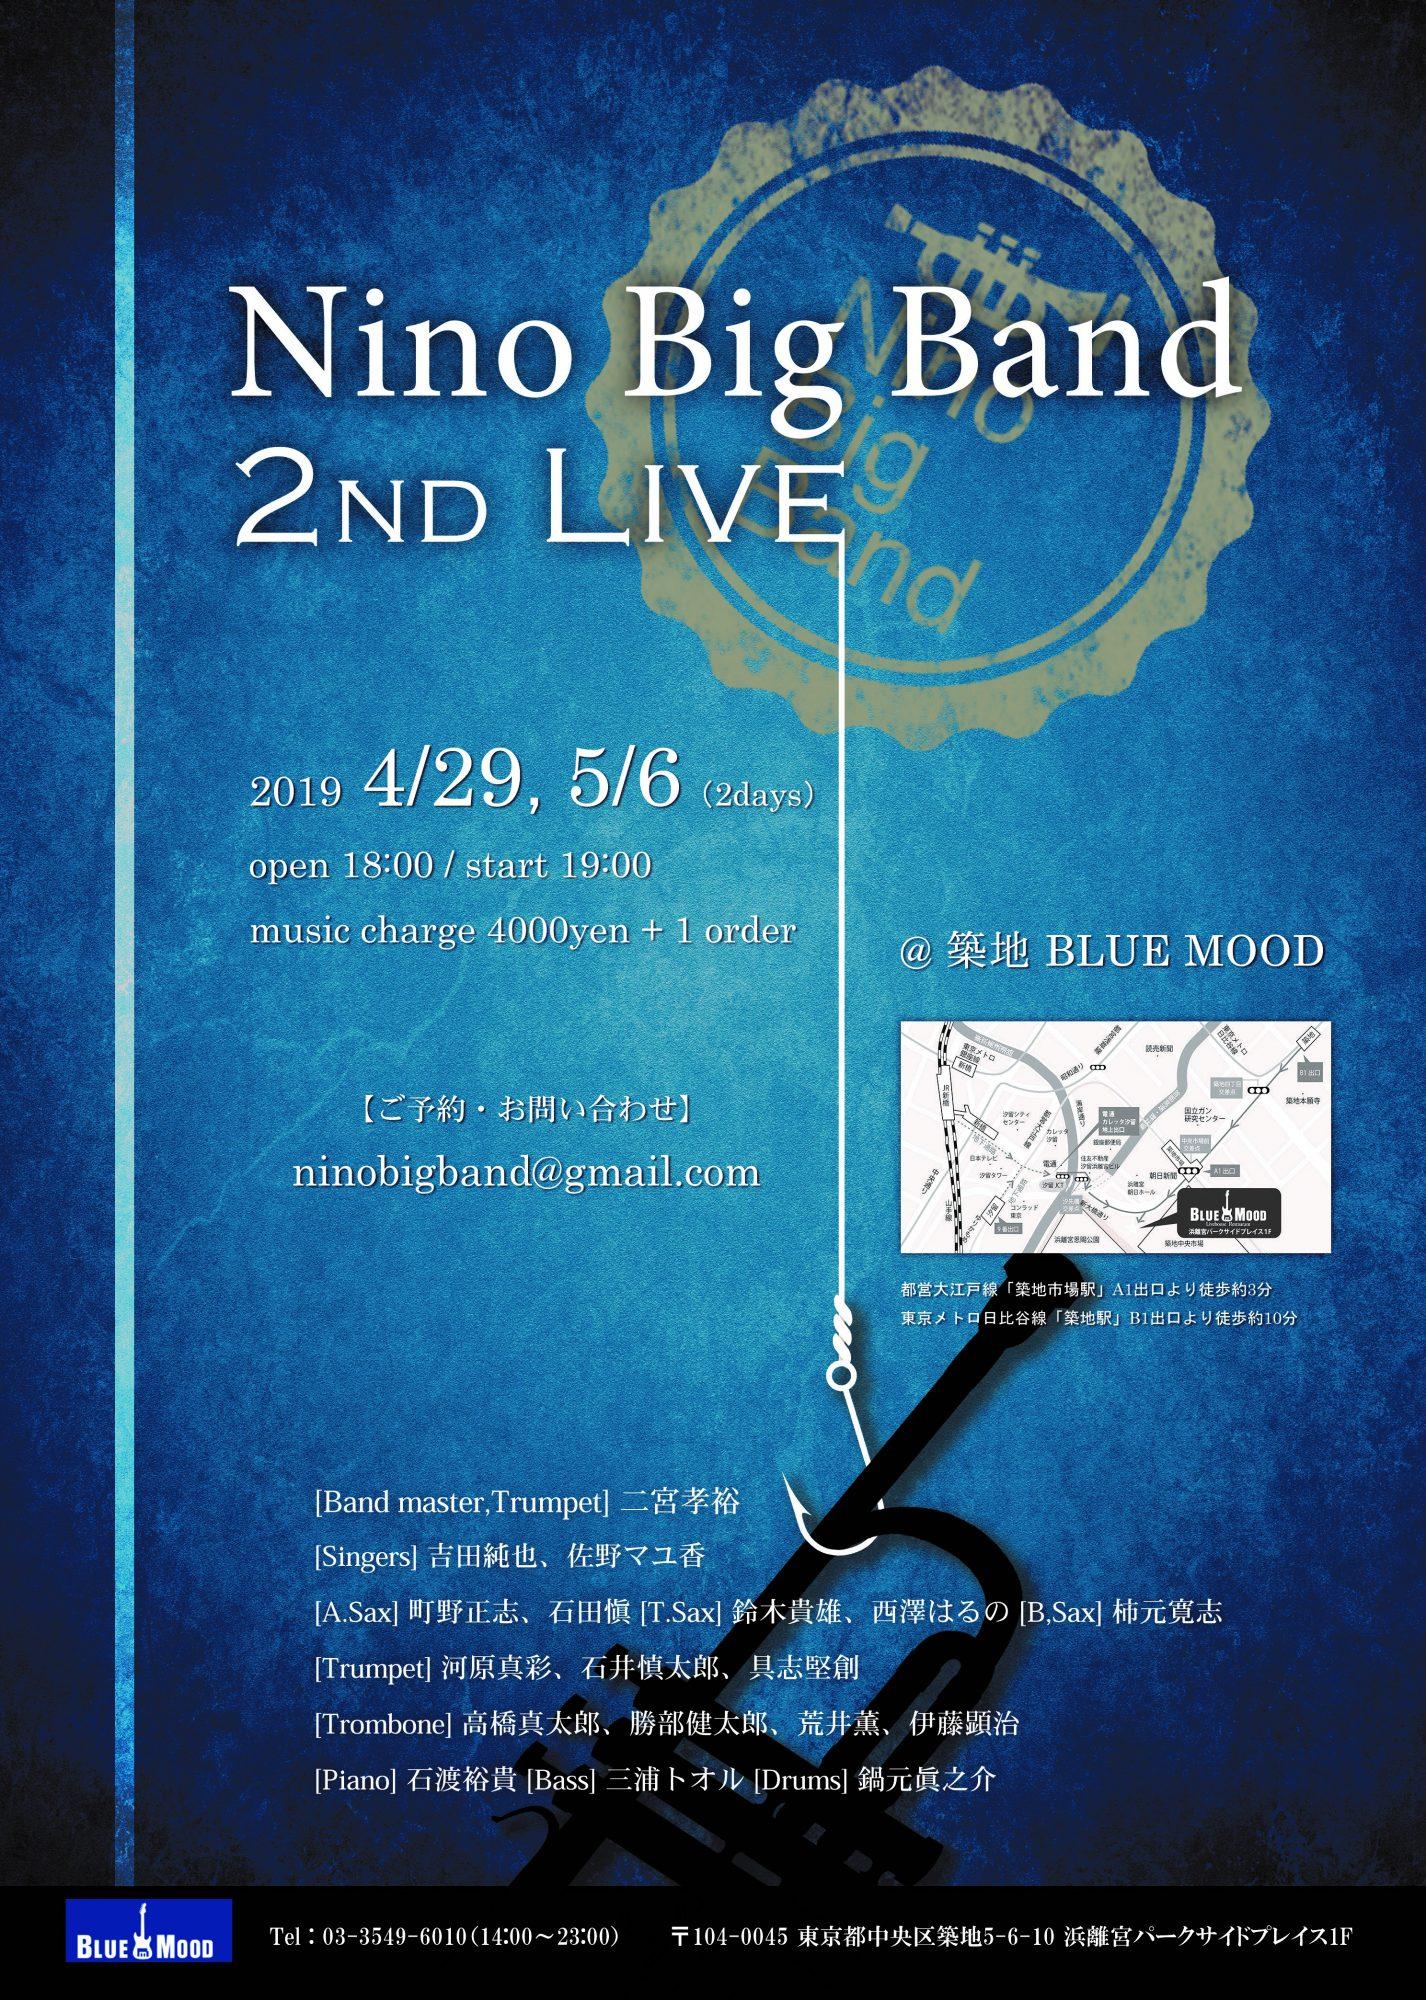 Nino Big Band